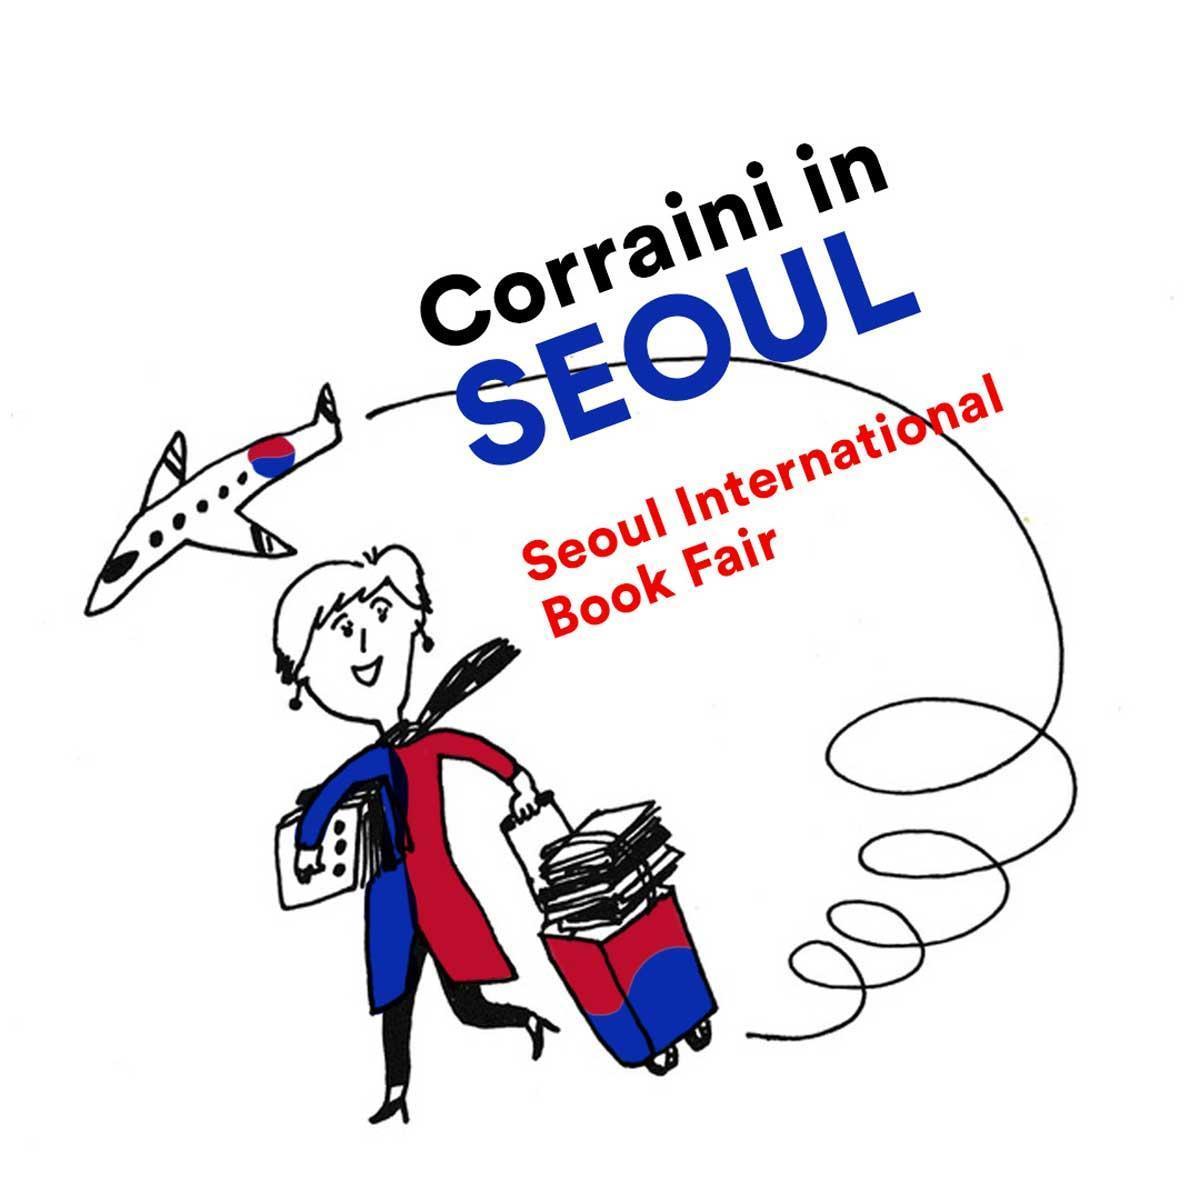 Corraini Edizioni alla Fiera Internazionale del Libro di Seoul